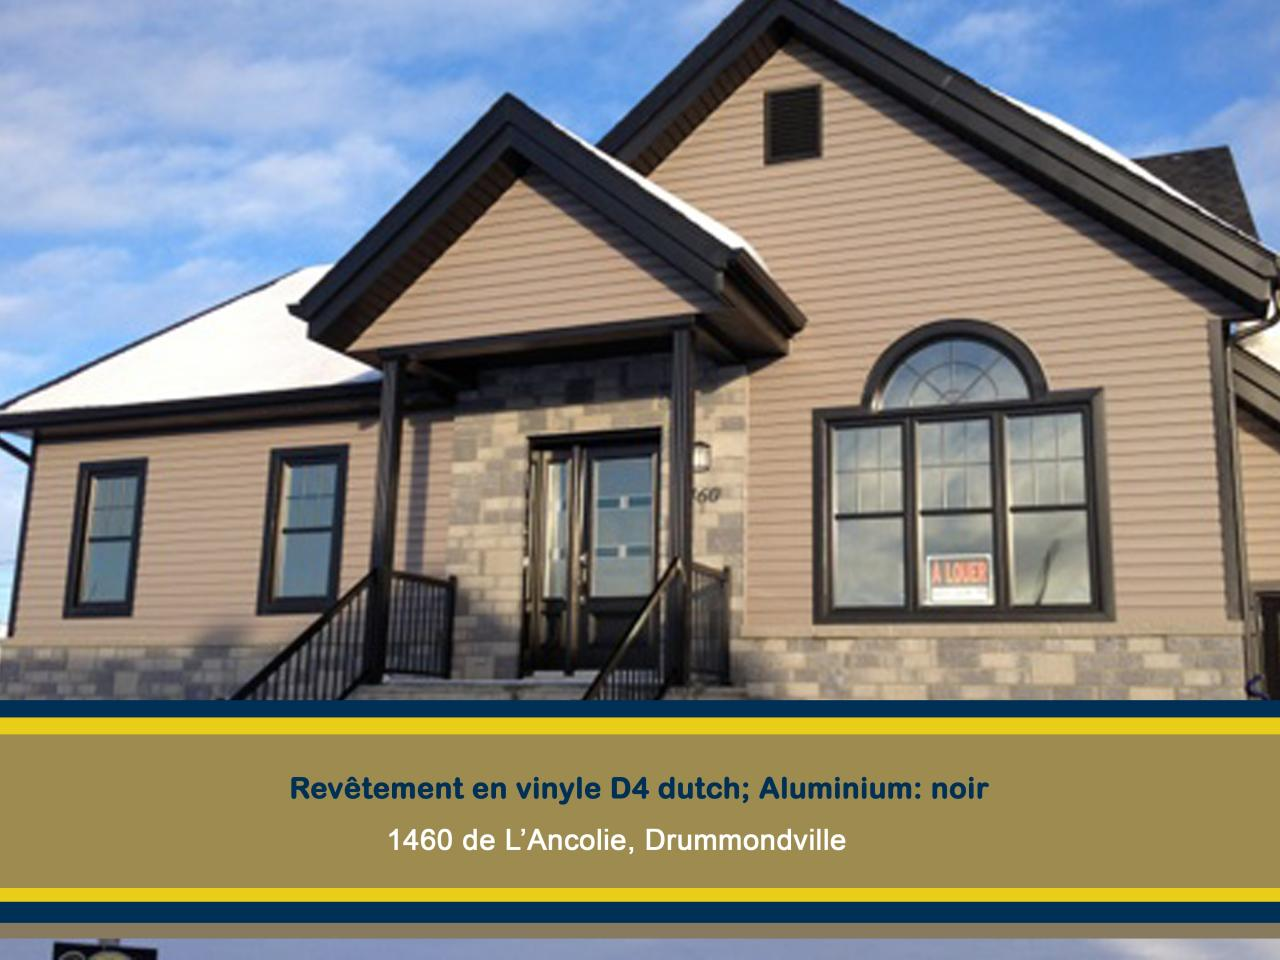 vinyle1460 de l'Ancolie-Drummondville